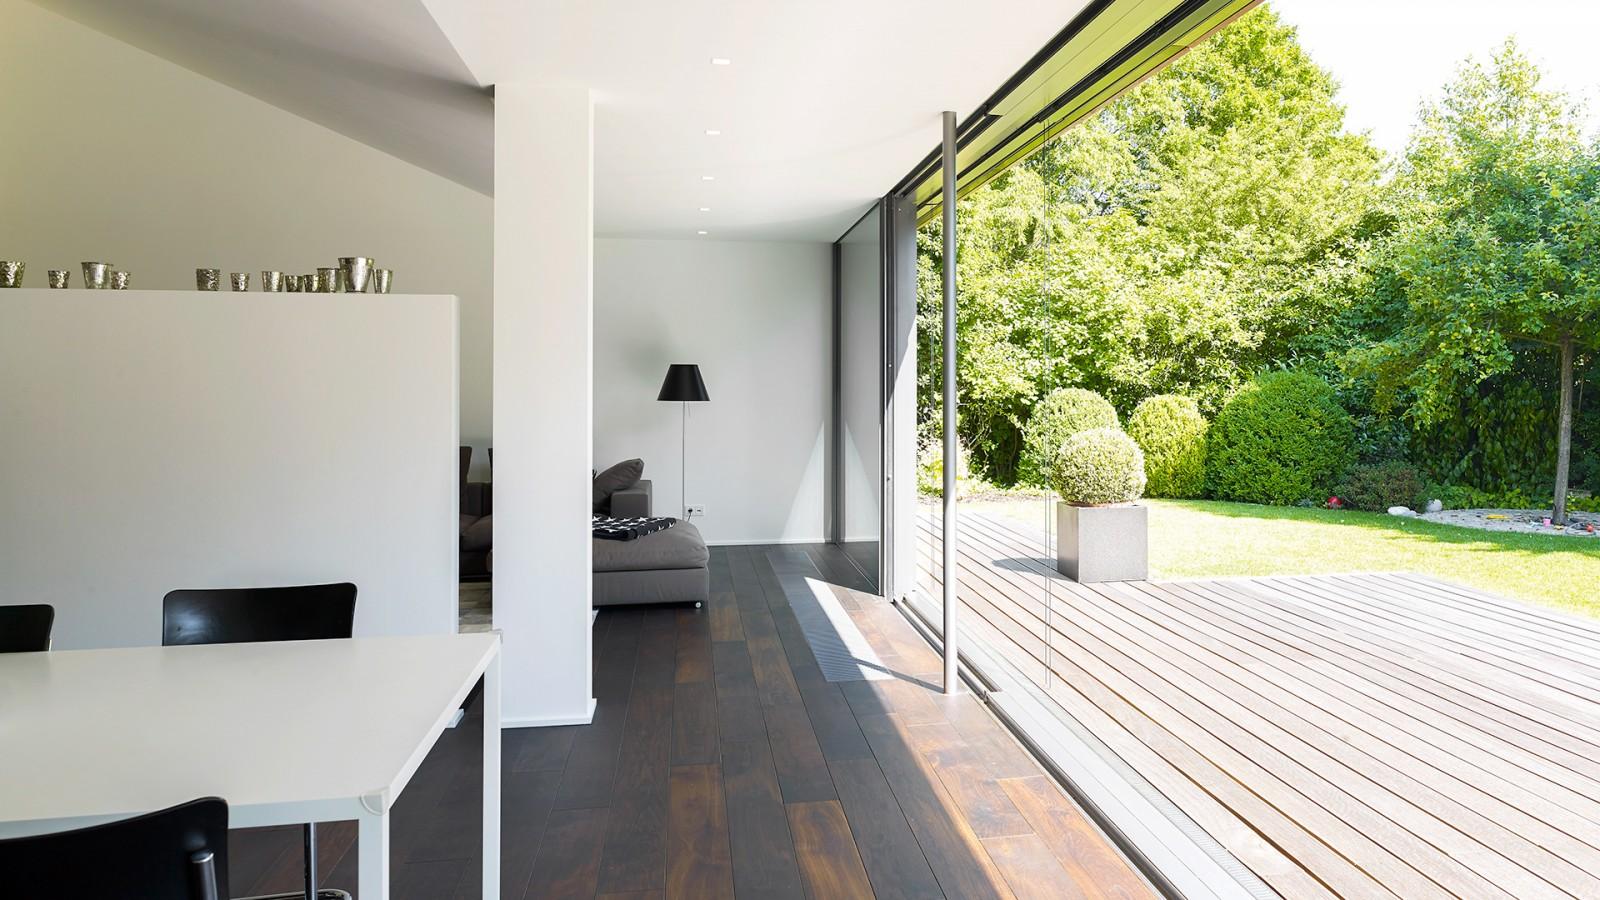 Architekten Hannover anbau und sanierung eines einfamilienhauses in hannover jung